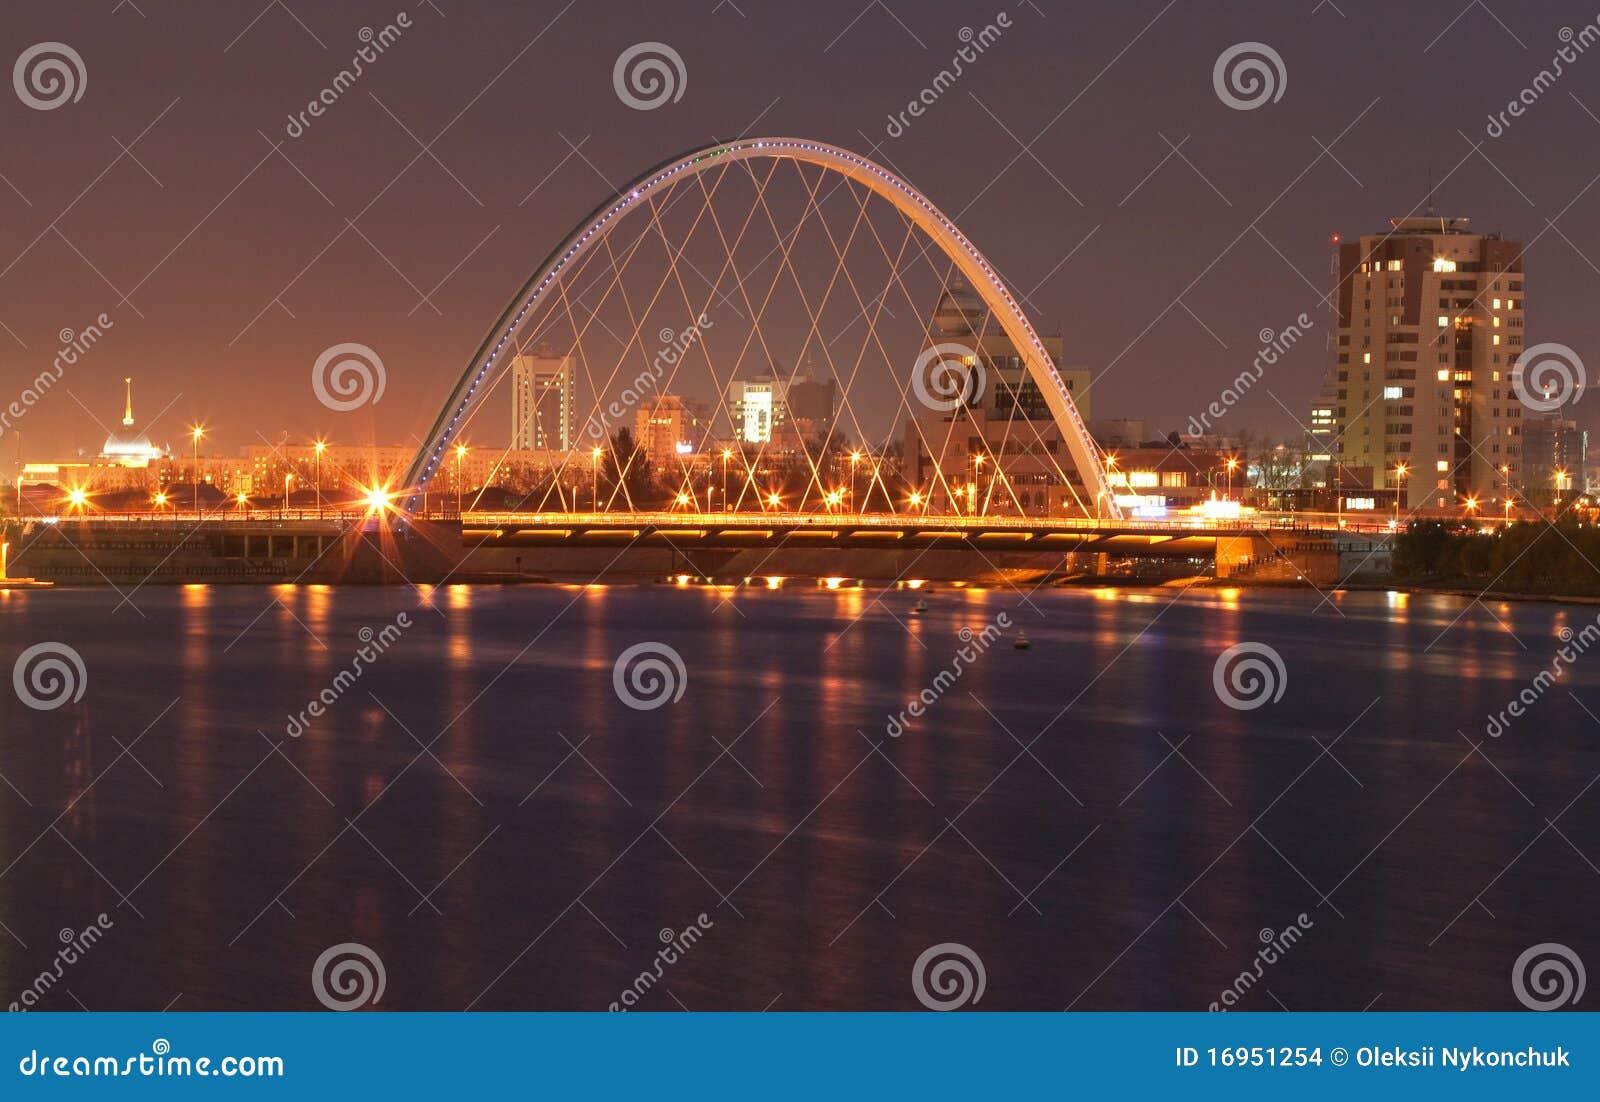 Ponticello a Astana